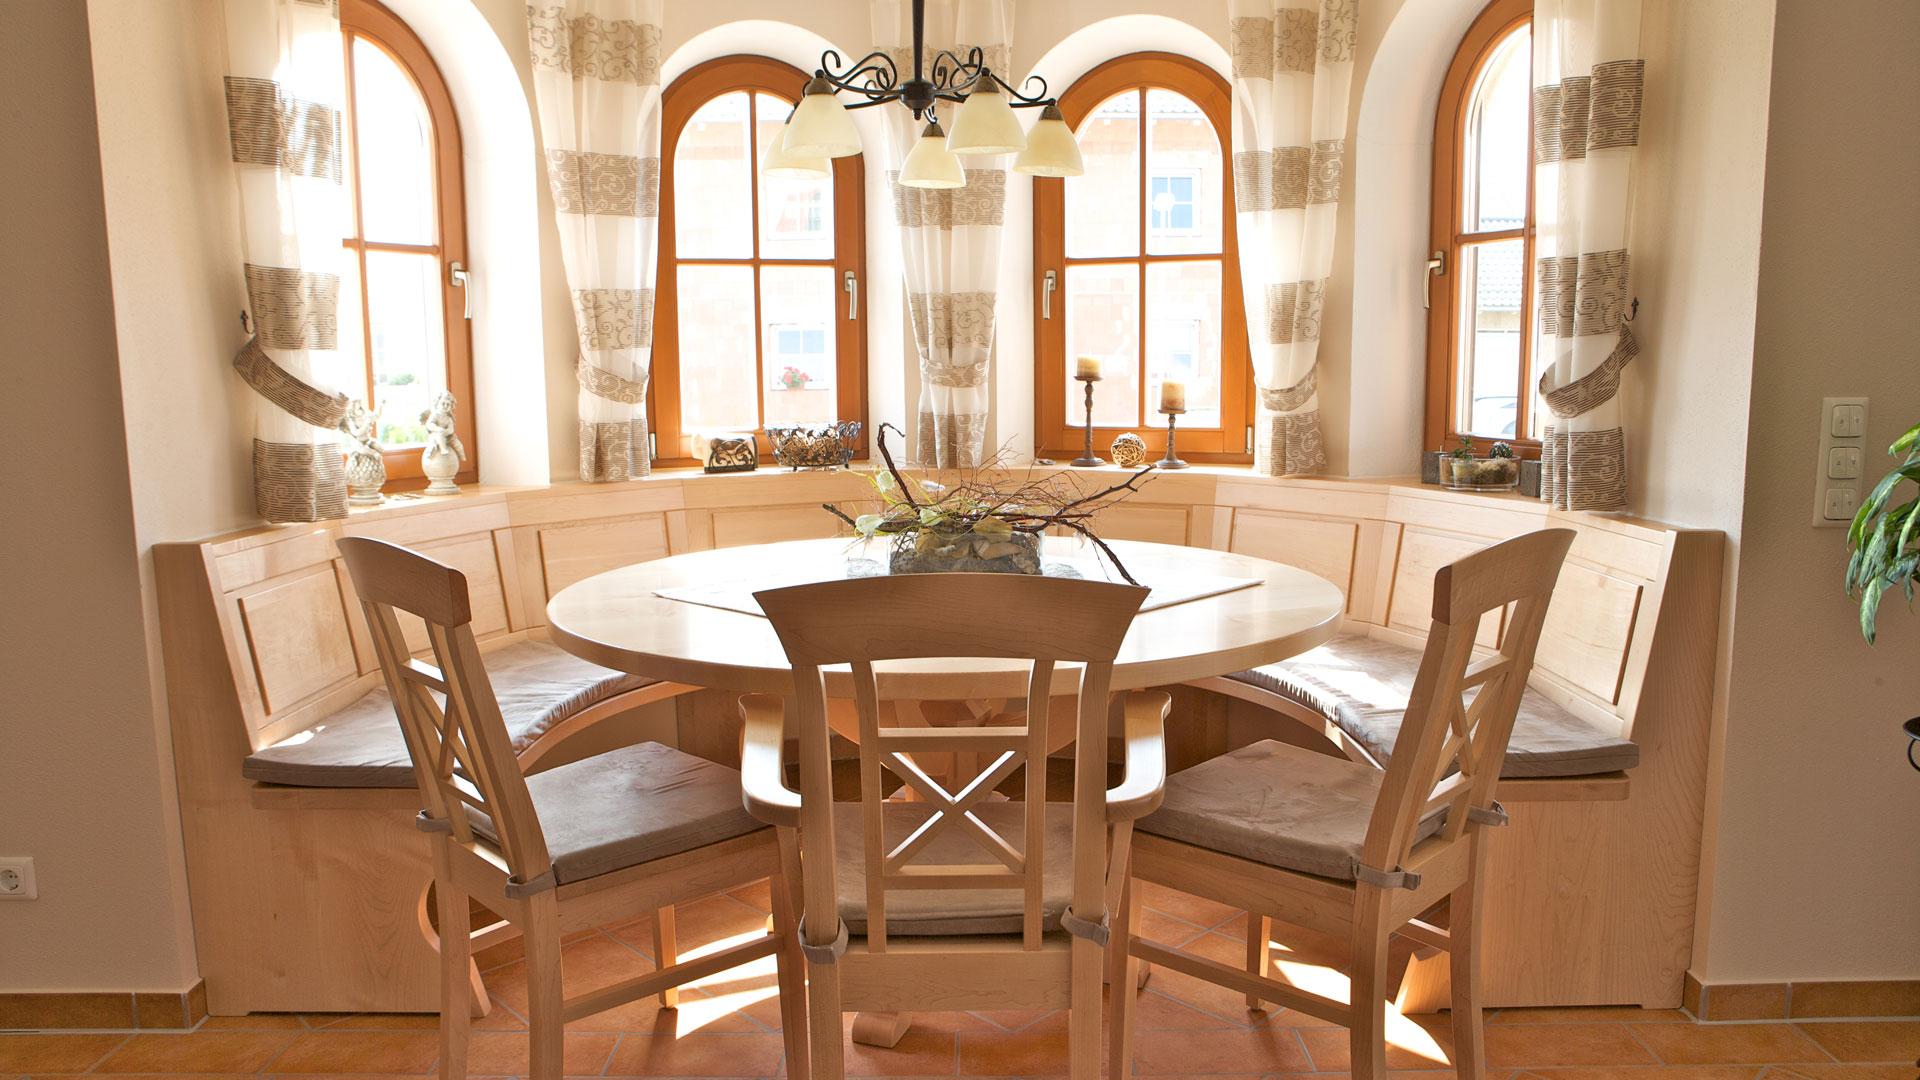 Esszimmer Gestalten Landhausstil : Esszimmer gestalten landhausstil wohnzimmer lampe landhausstil